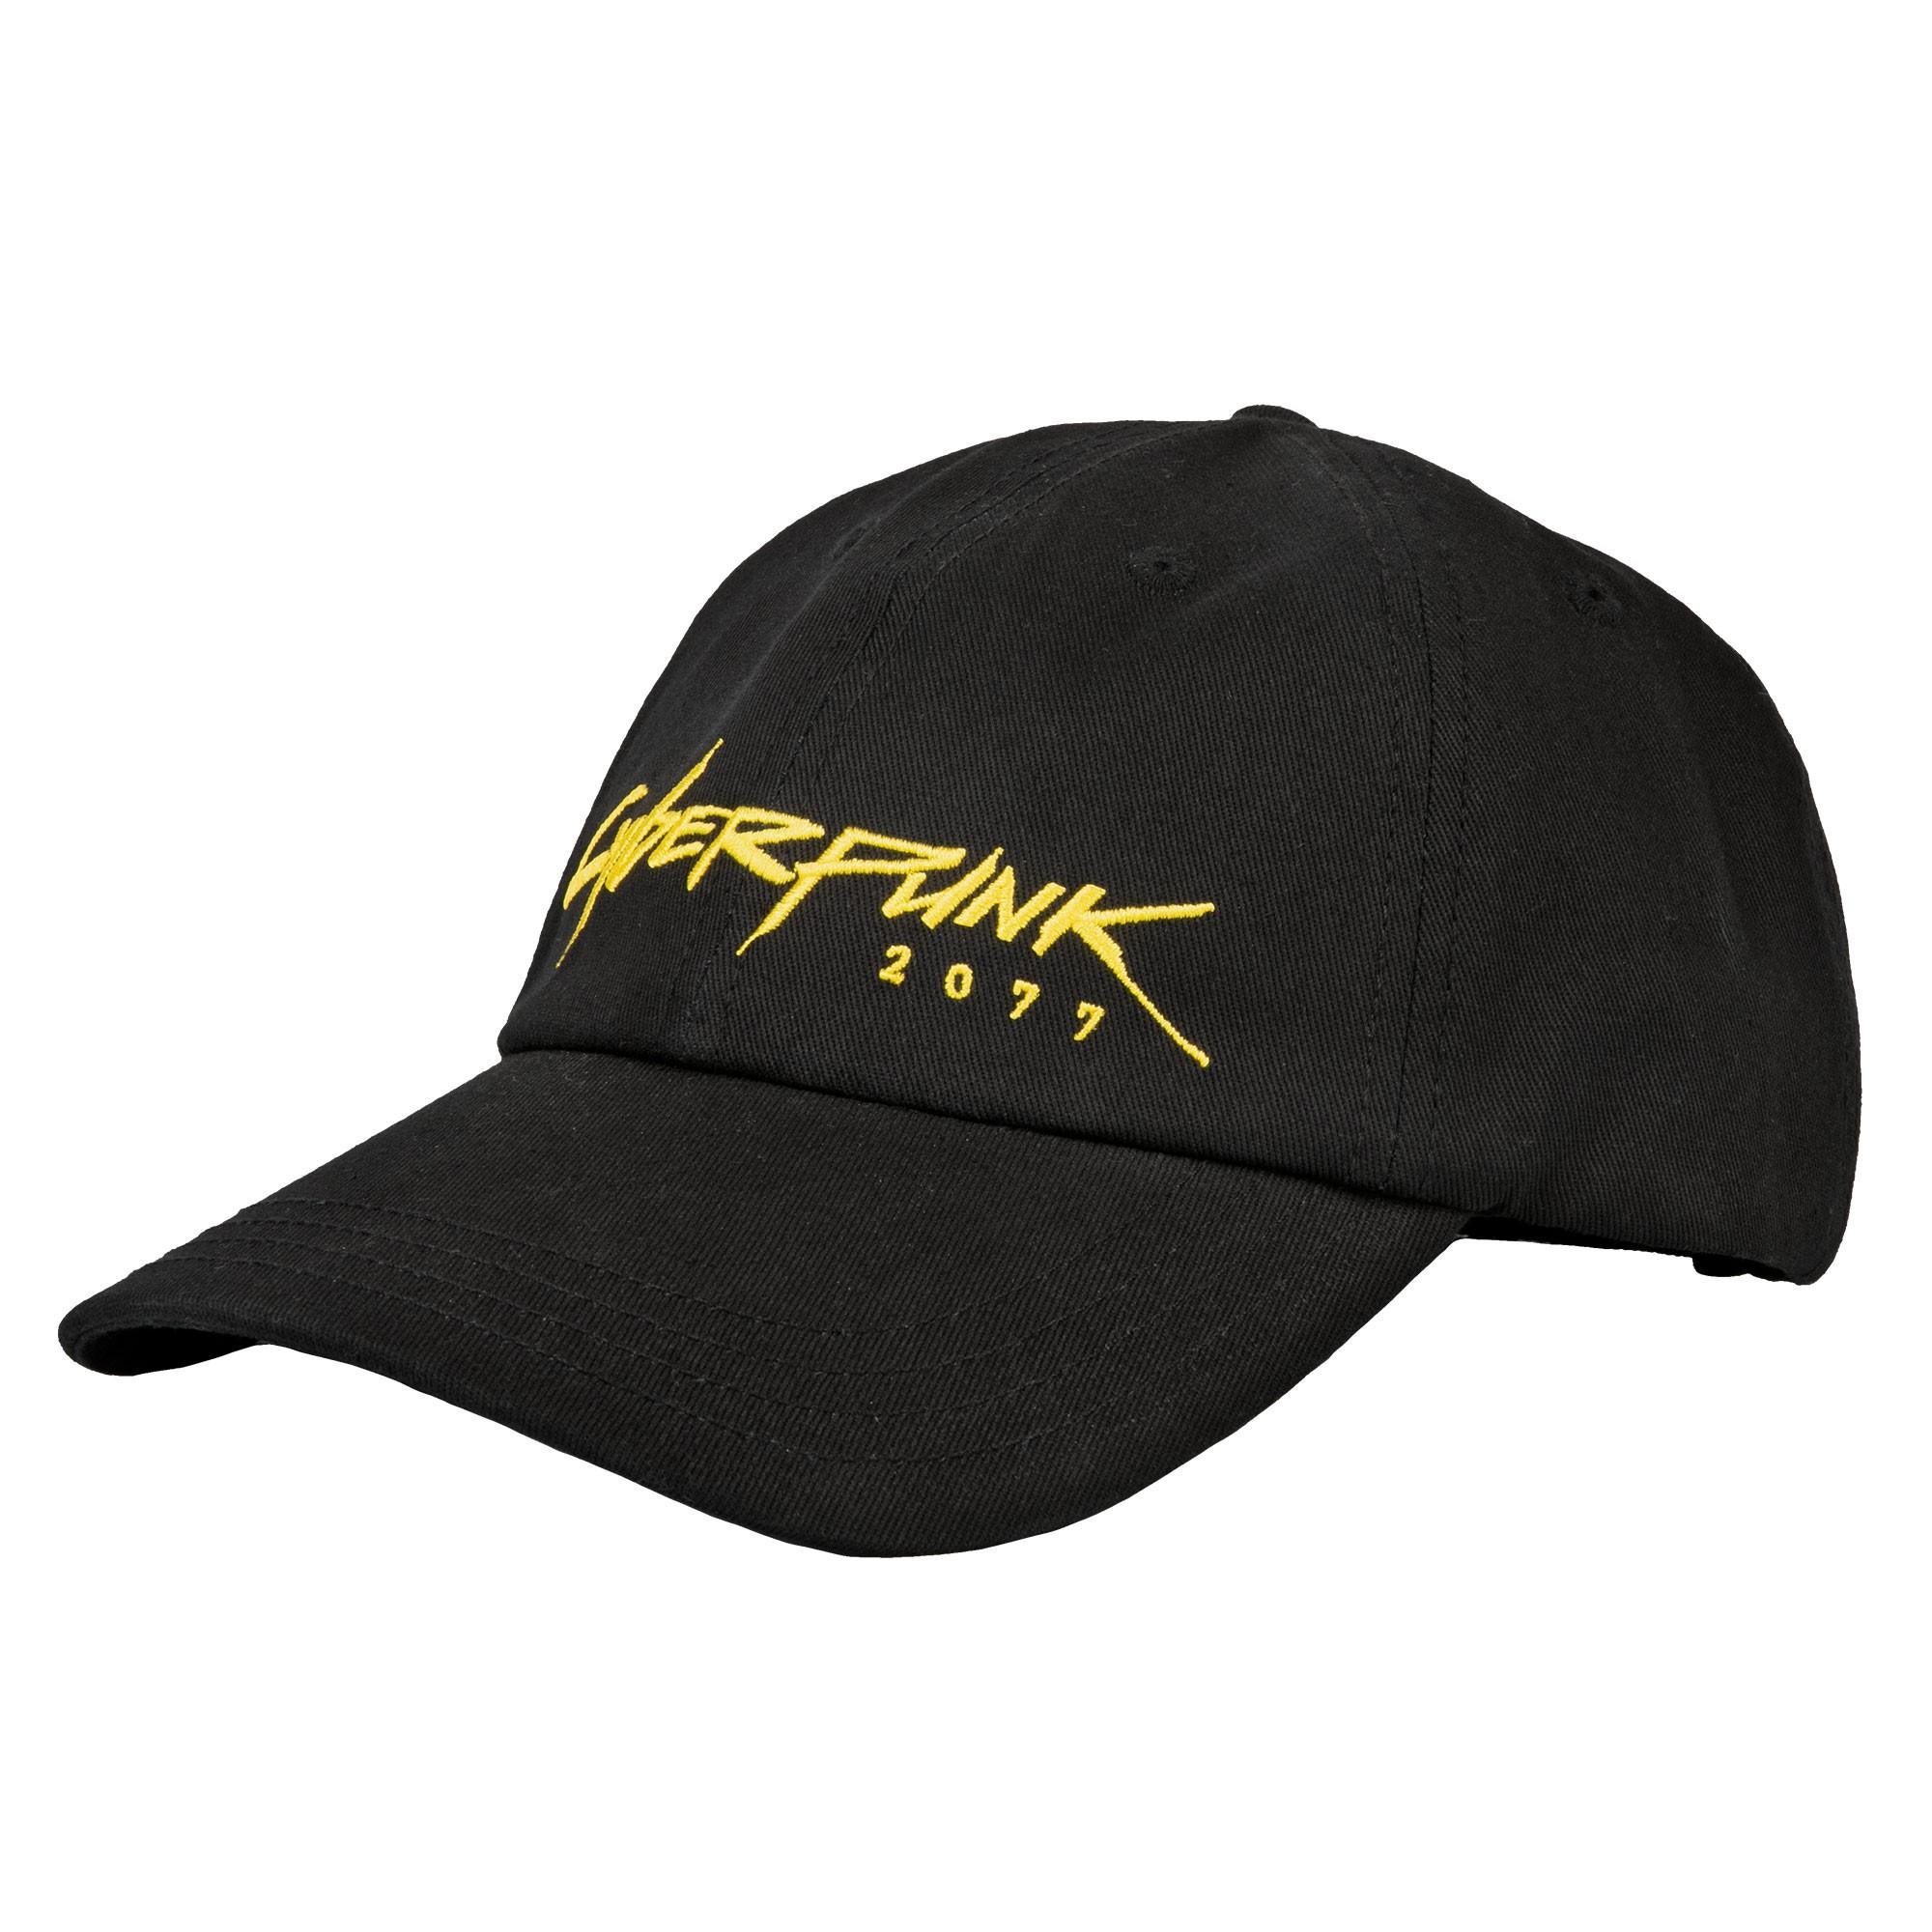 Cyberpunk 2077 Cyberdad Dad Hat Black